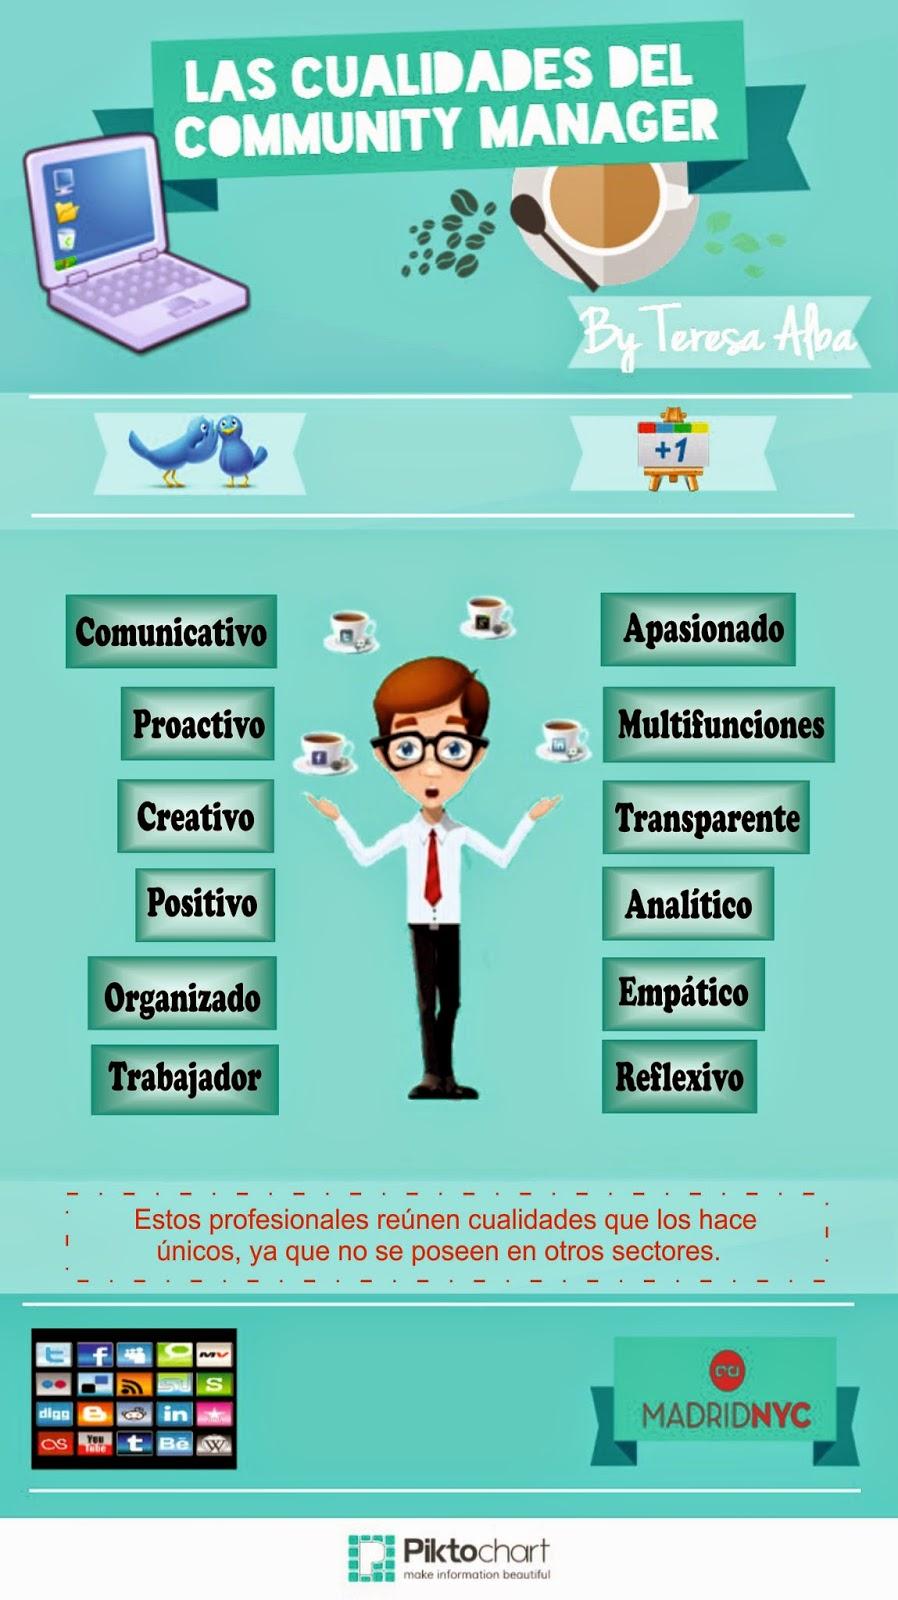 Tienes las cualidades necesarias para ser Community Manager-infografía